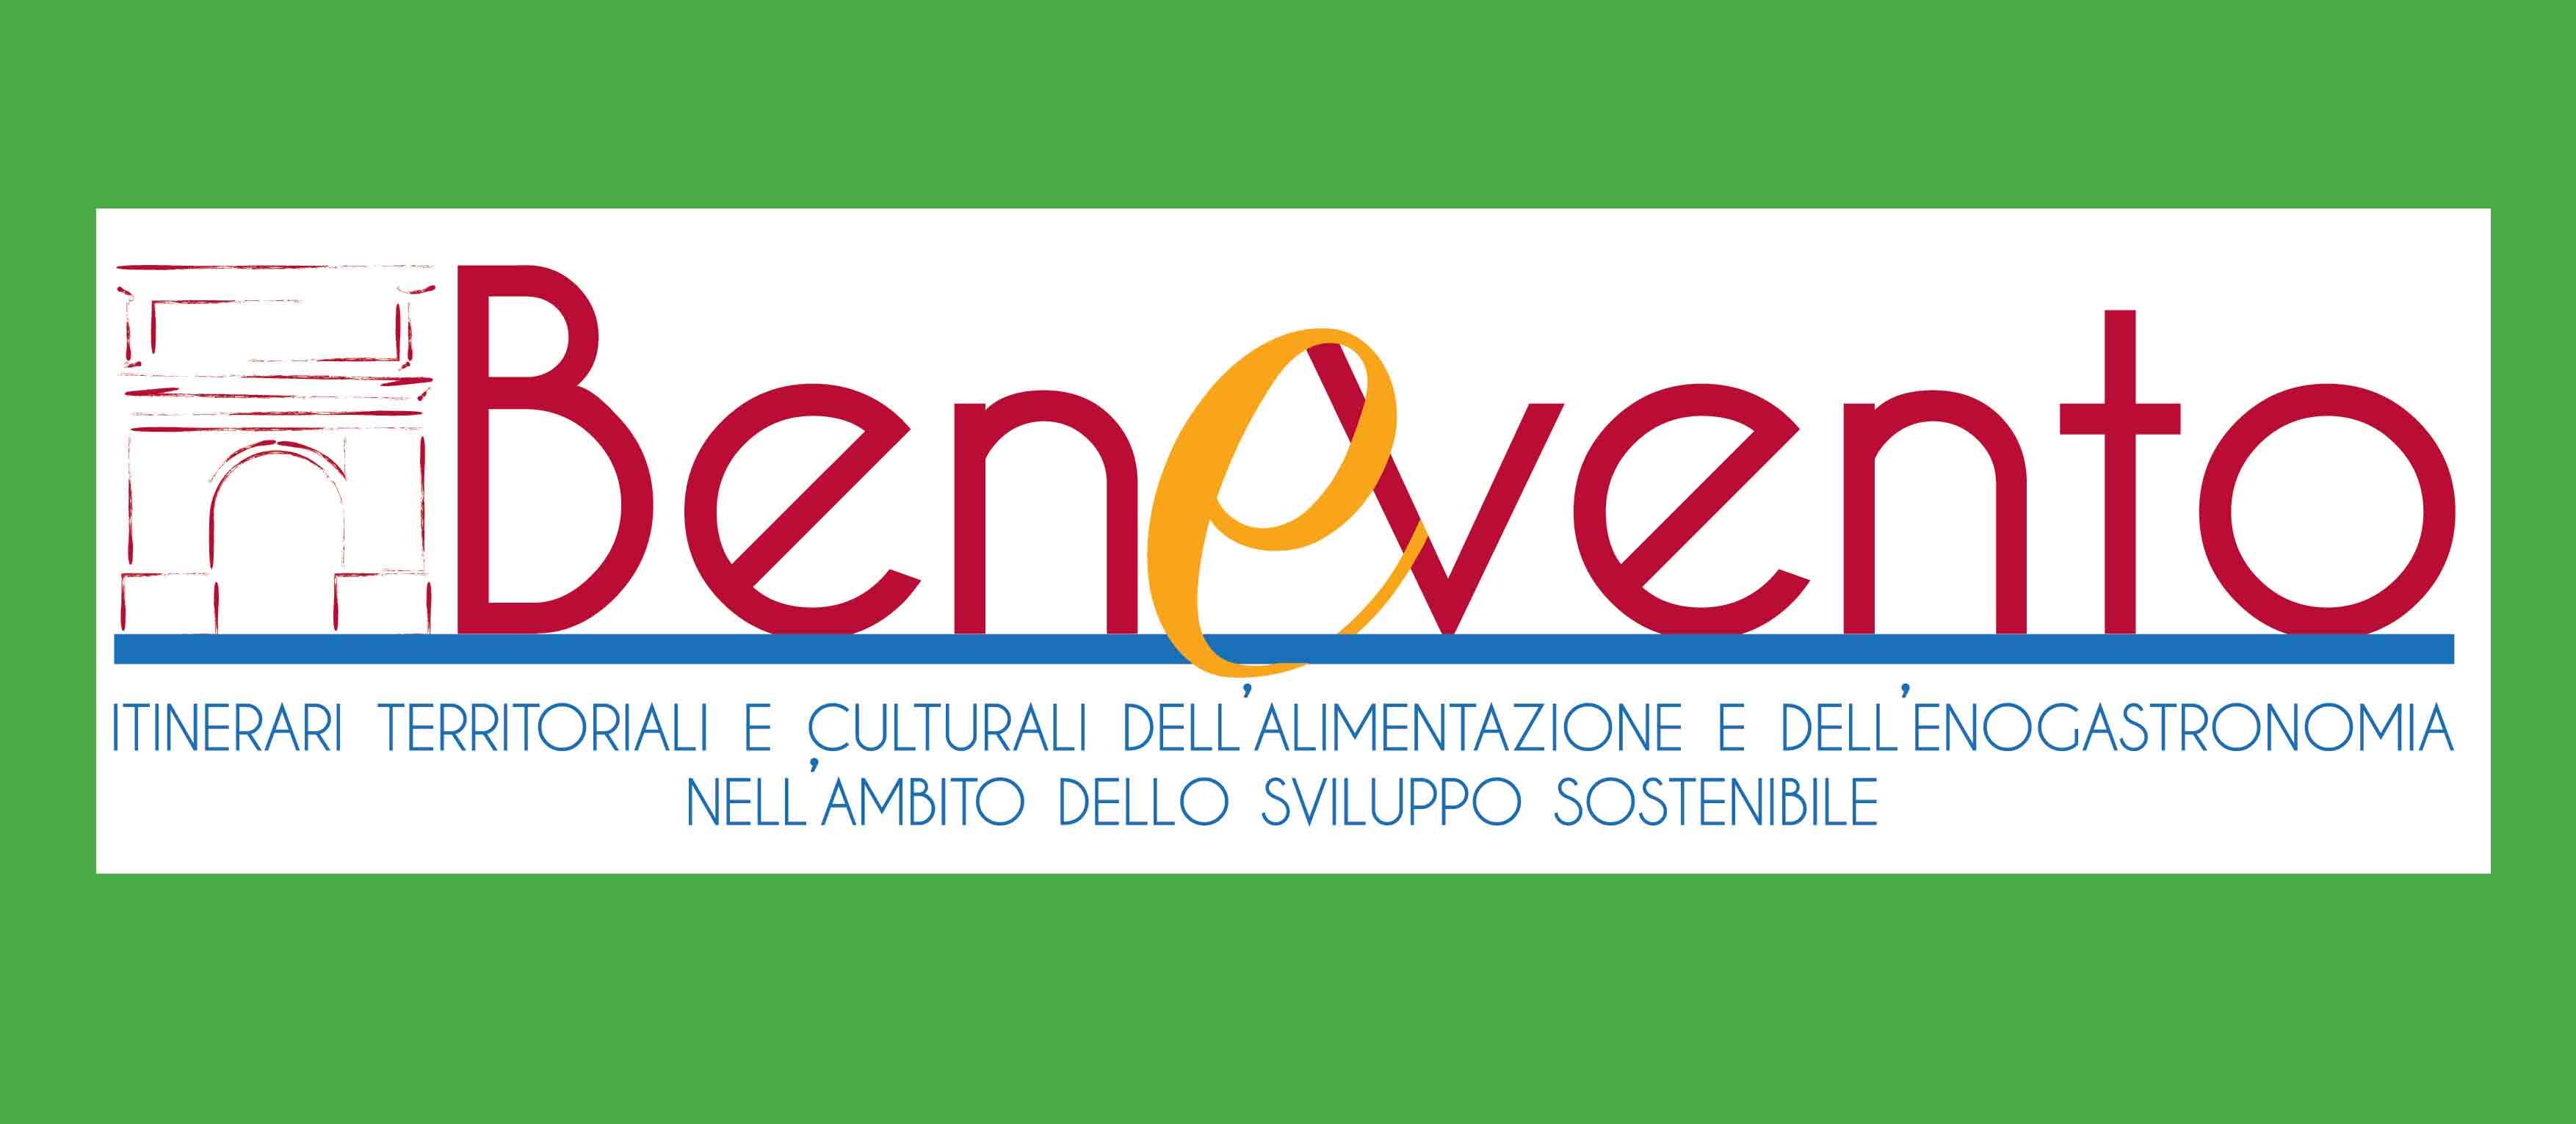 Forum delle Culture a Benevento: ultimo appuntamento